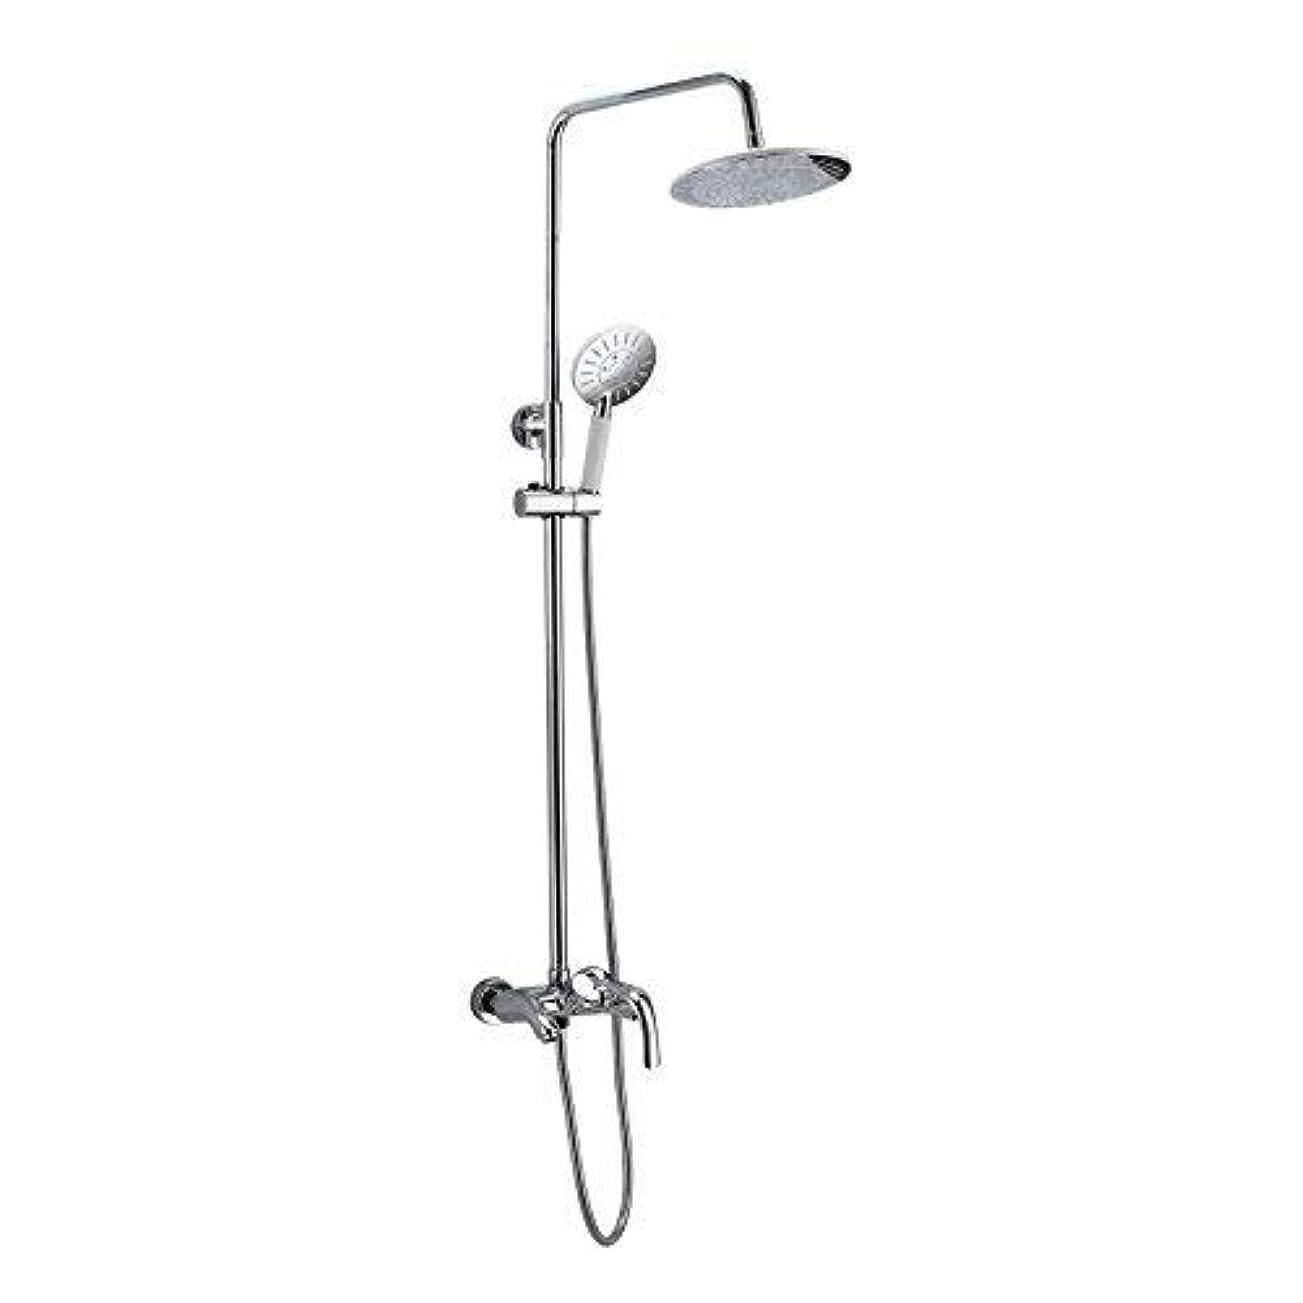 してはいけません死風刺シャワーシステム、浴室のシャワーの蛇口は銅を持ち上げます3つの持ち上がる冷たい浴室のシャワーSwitchmodernシンプルで贅沢な品質の保証家の装飾家の使用